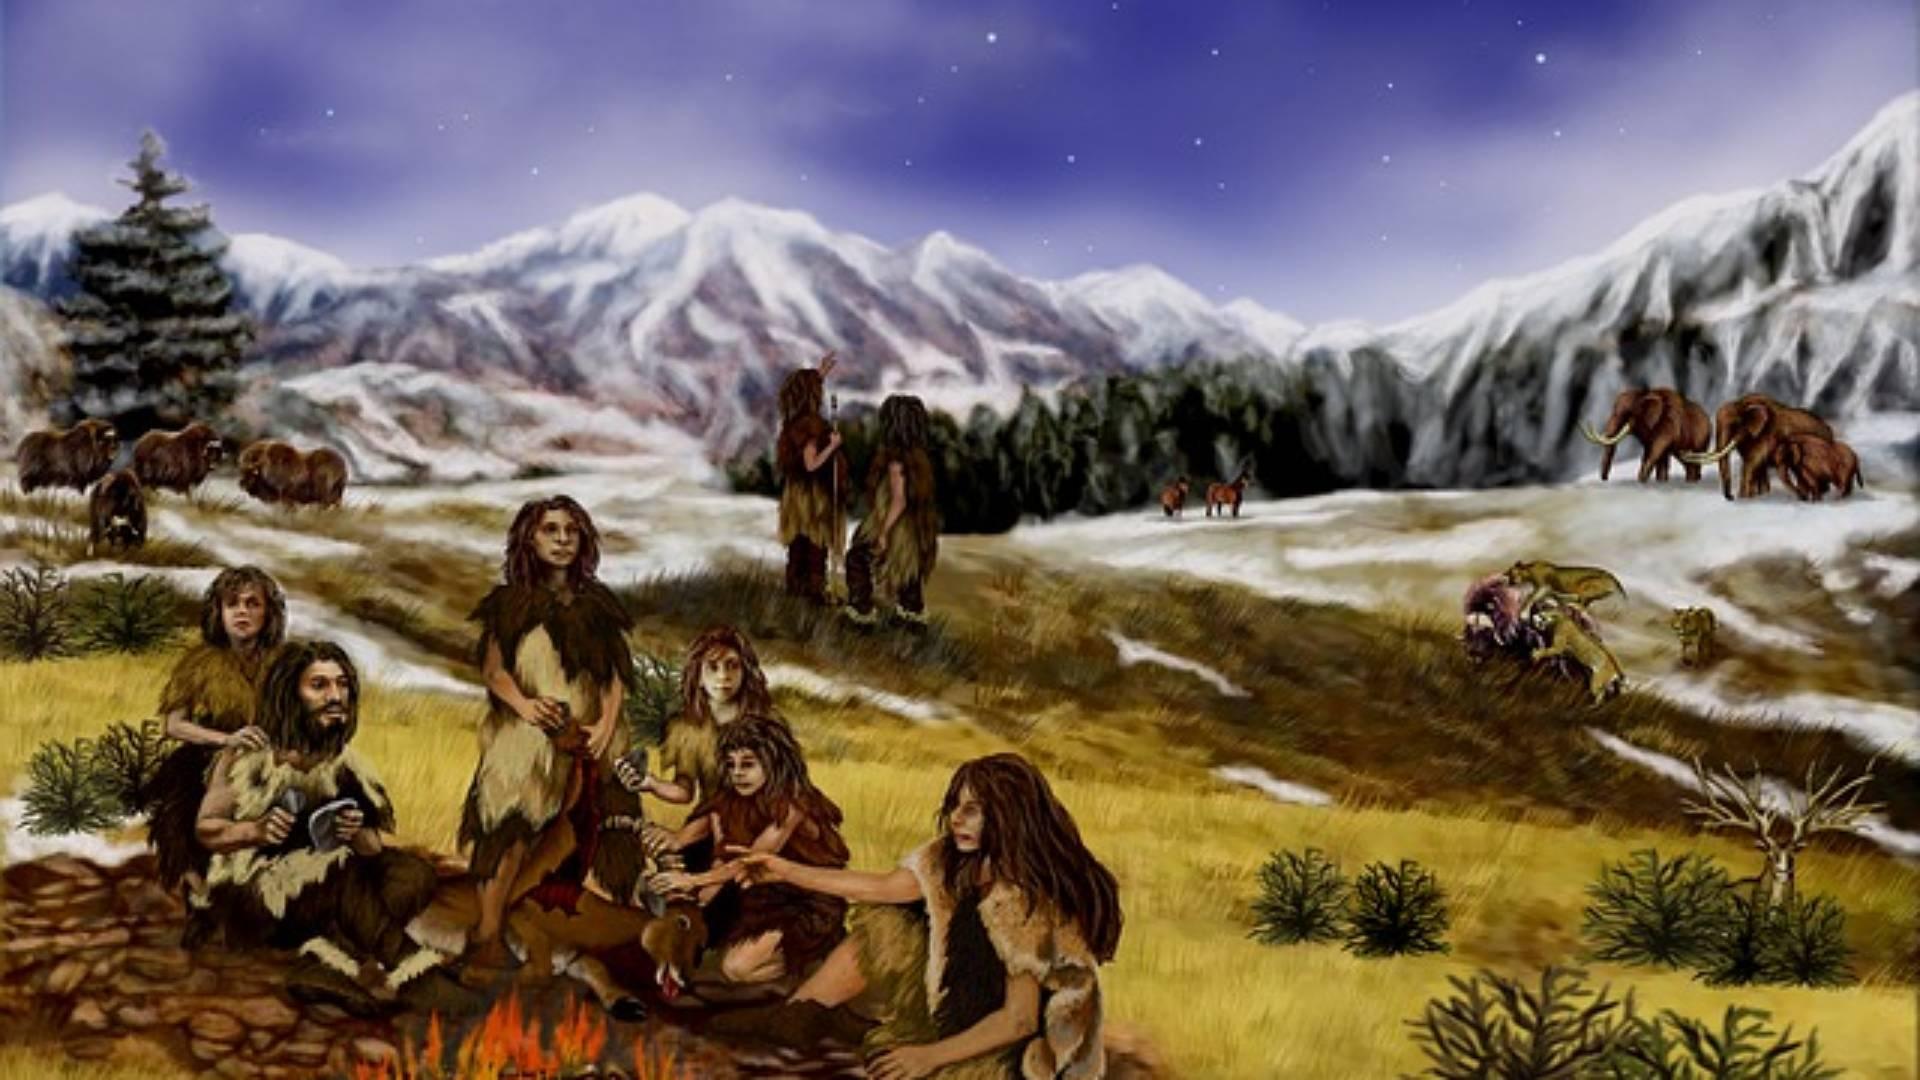 Eingravierter Knochen offenbart symbolisches Verhalten der Neandertaler. Definition!